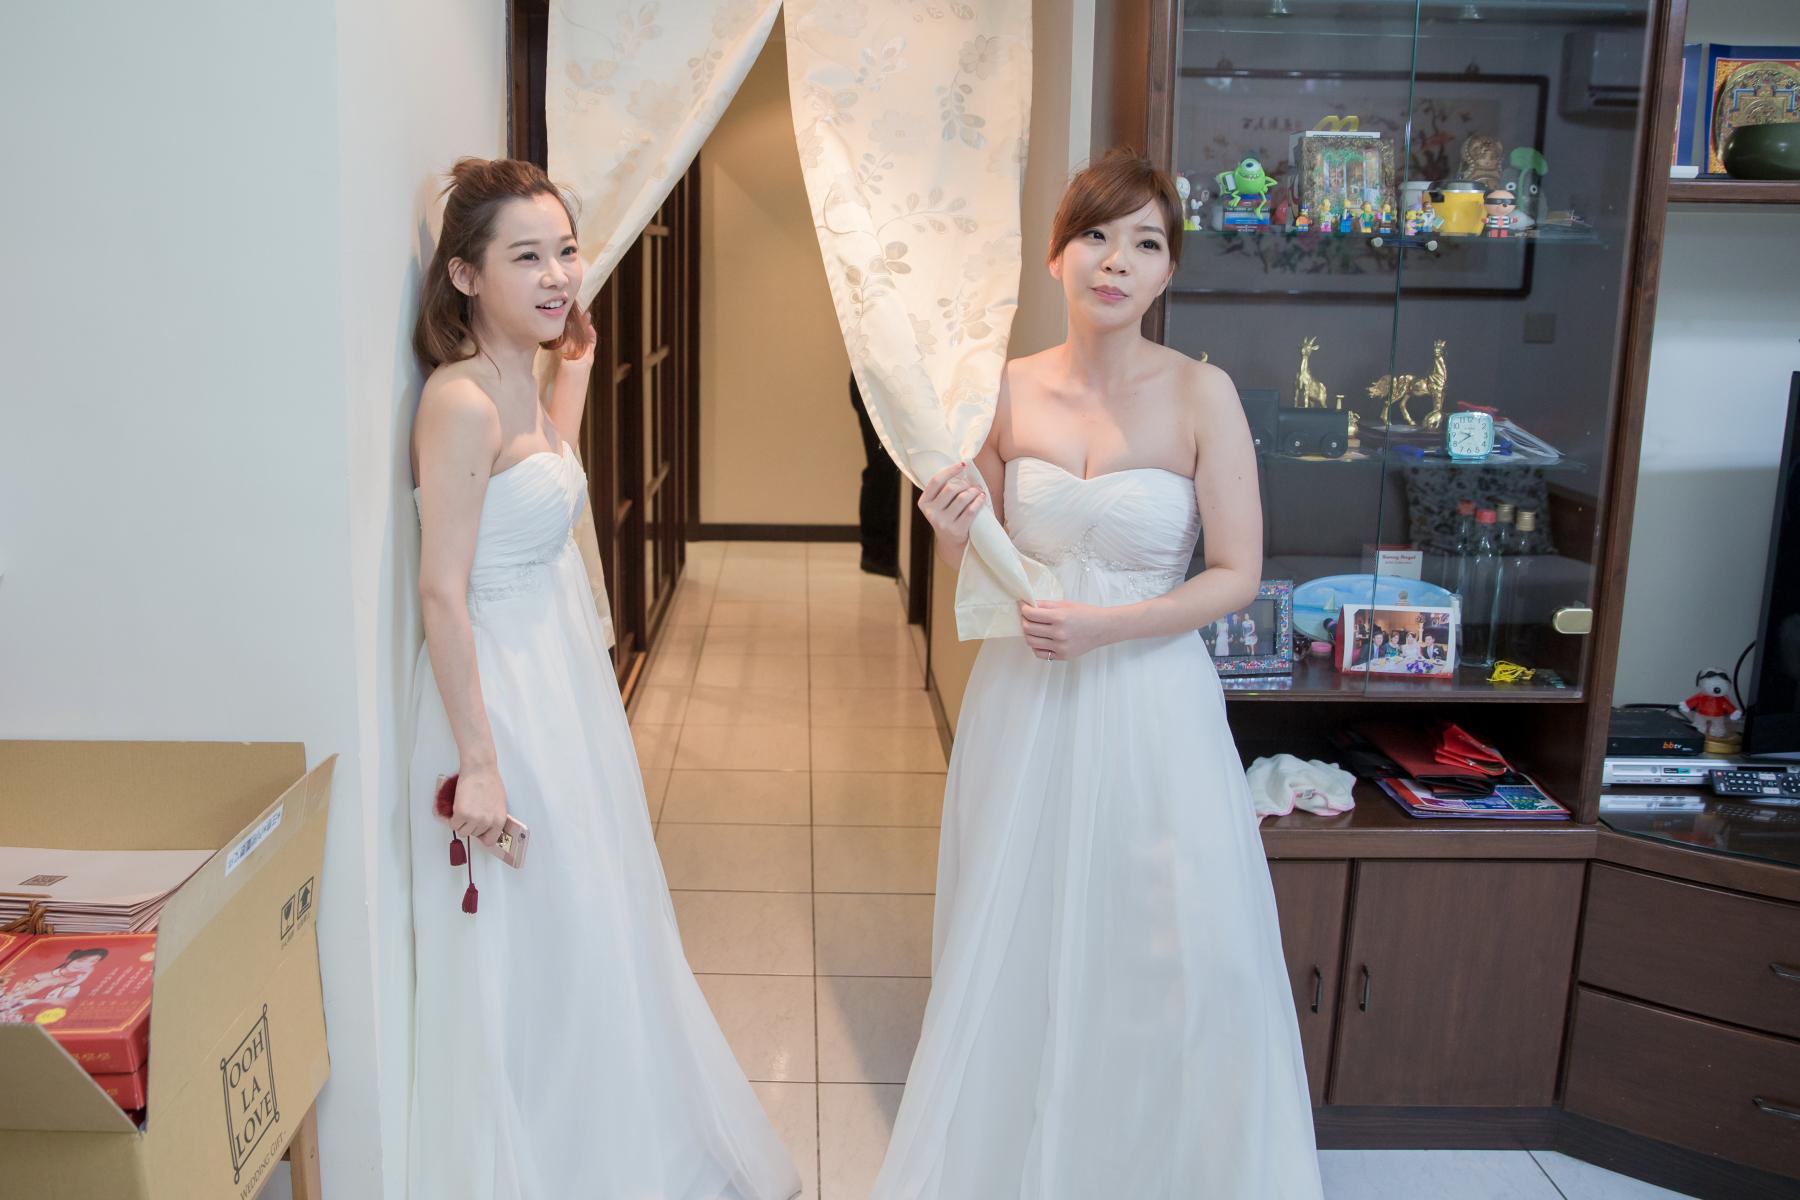 鴻璿鈺婷婚禮295